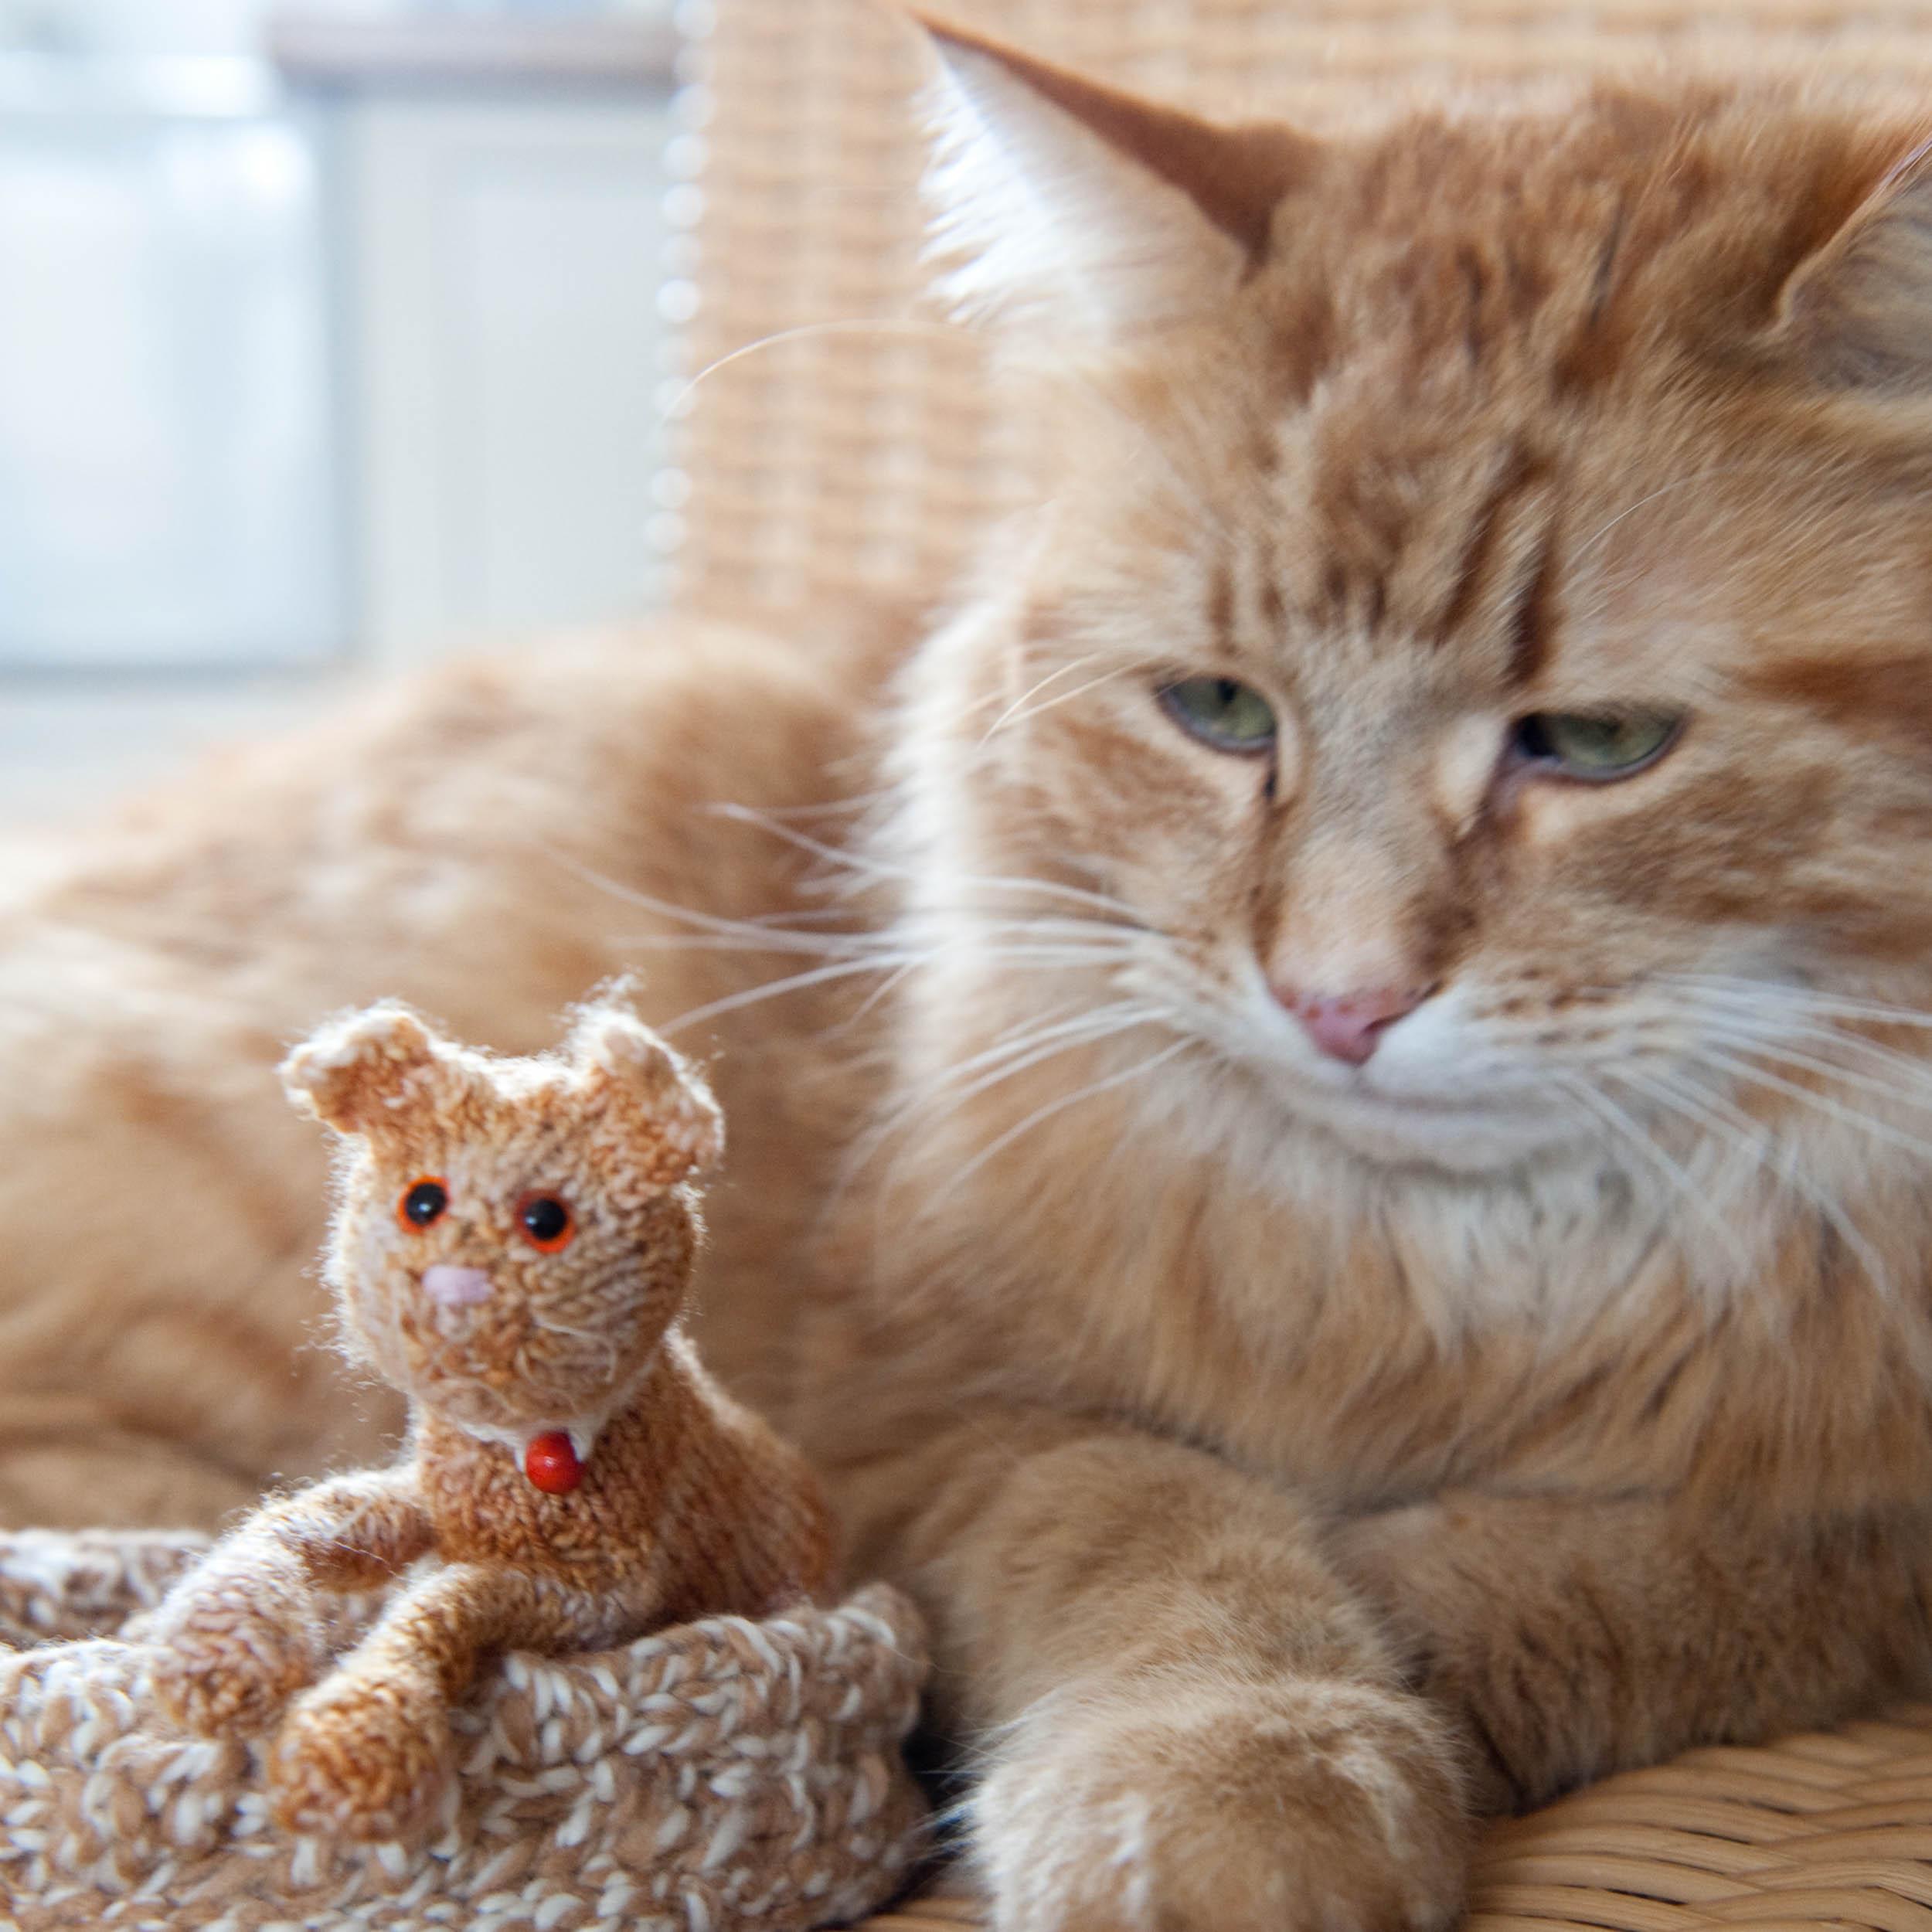 knit-pets-162.jpg